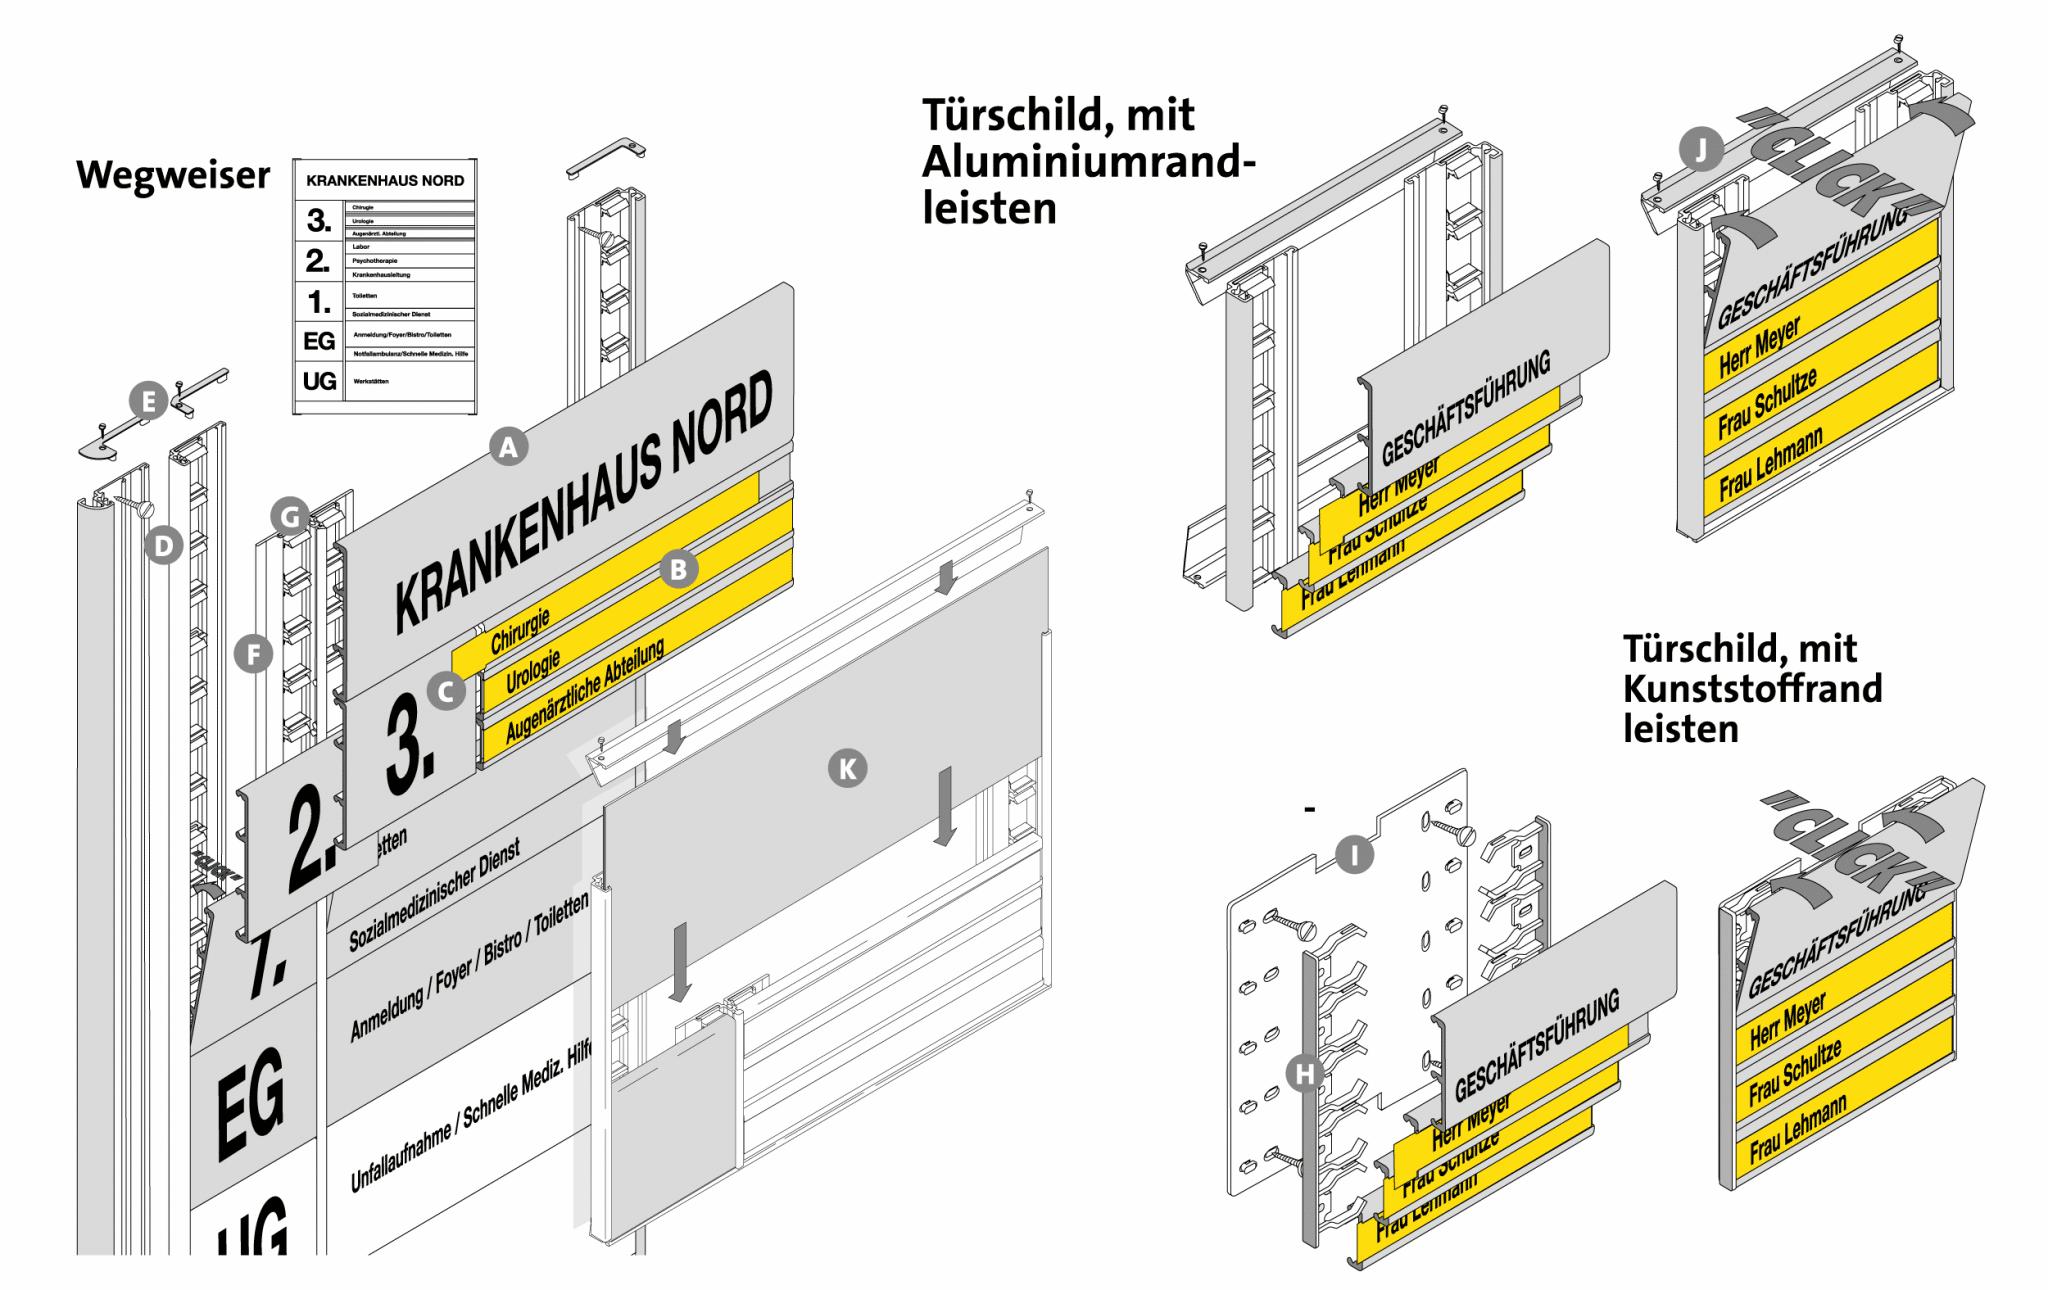 Objektbeschilderung - System Click